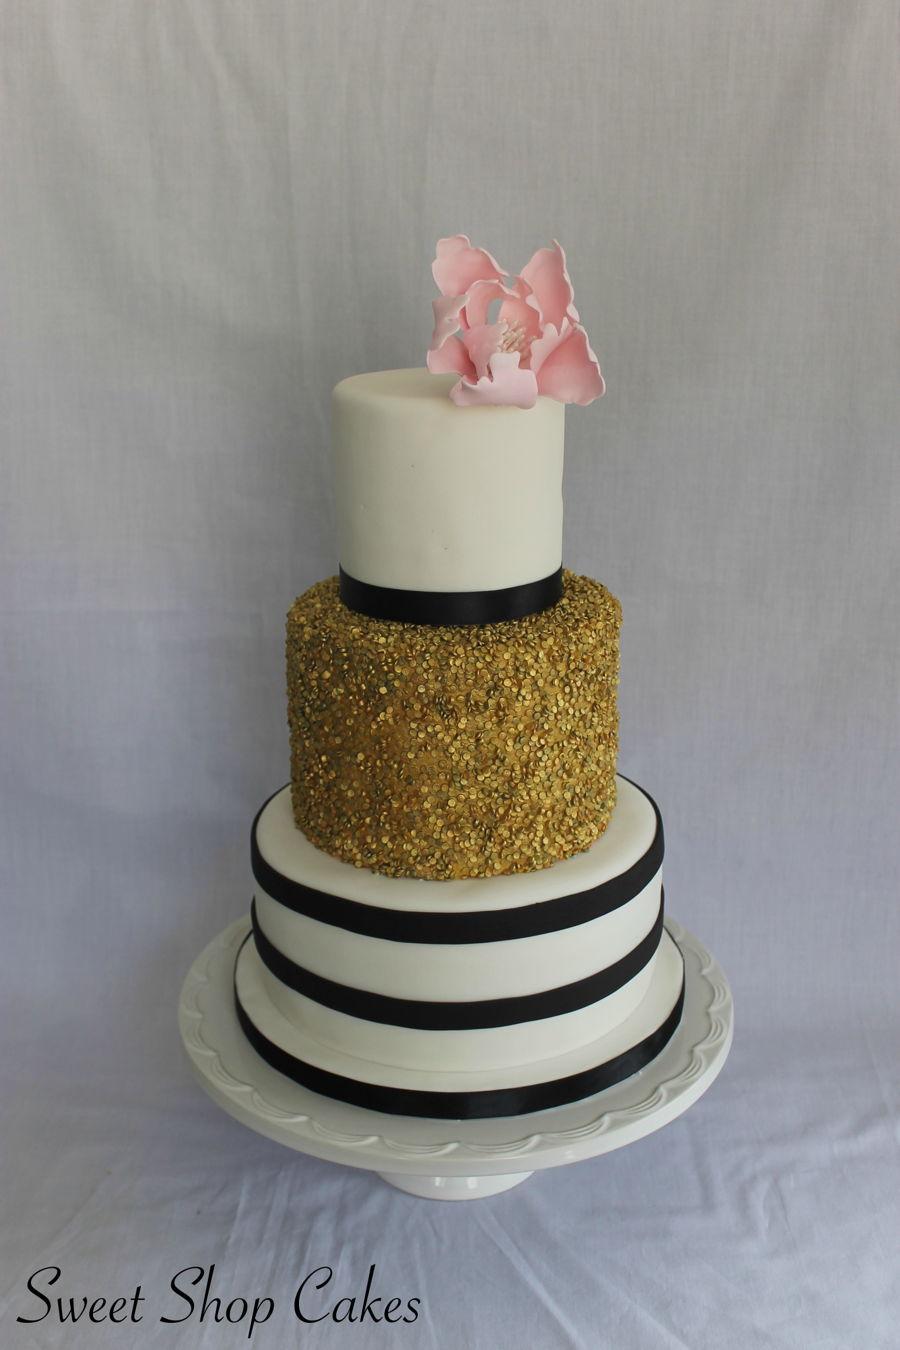 900_elegant-birthday-cake-937512uYXx7.jpg